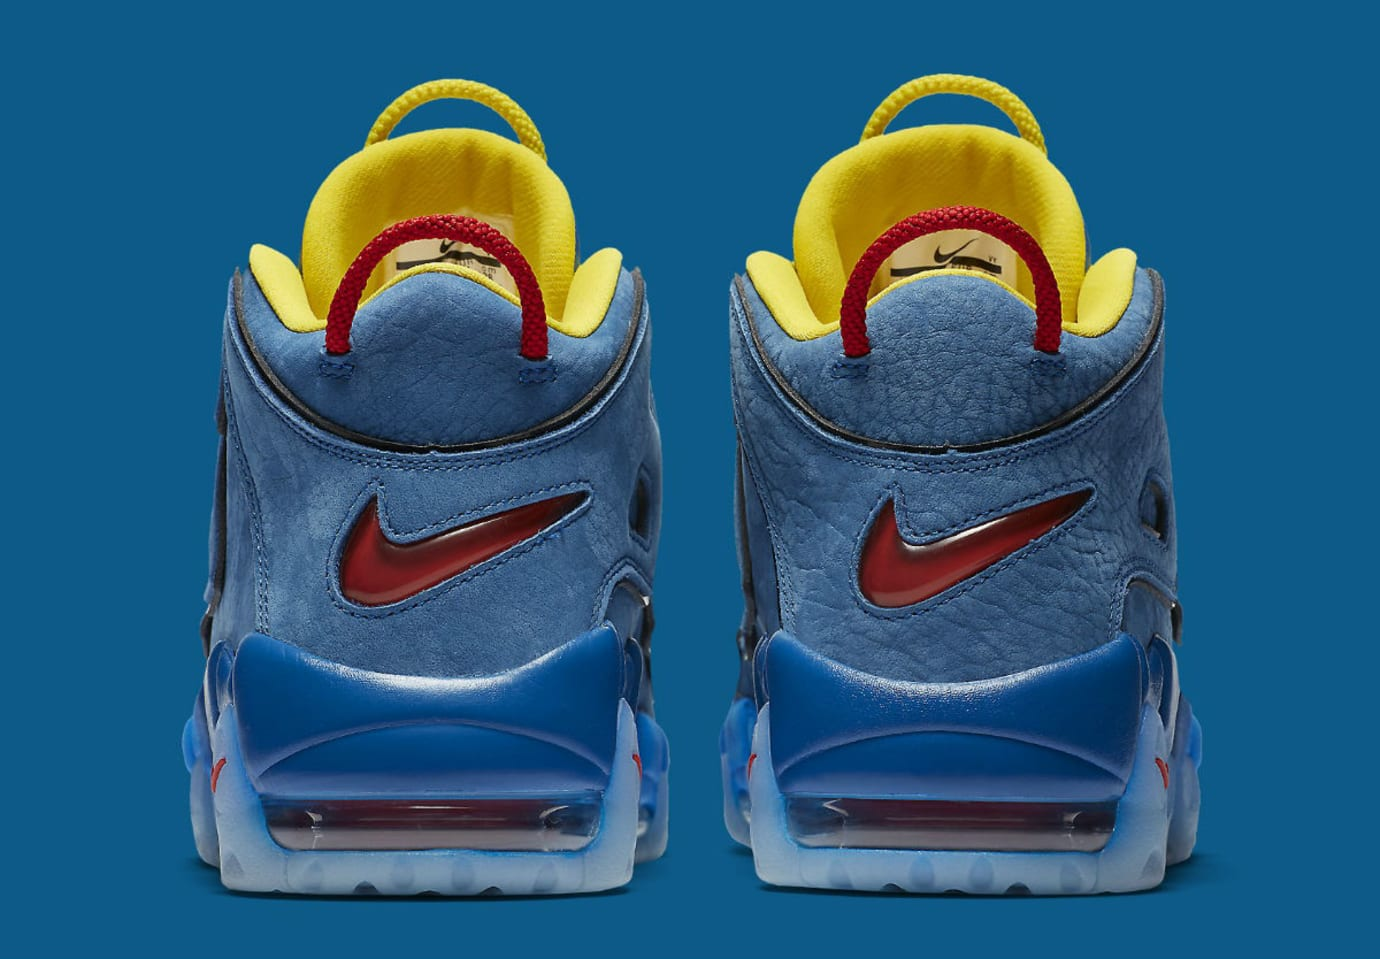 Nike Air More Uptempo Doernbecher Release Date AH6949-446 Heel